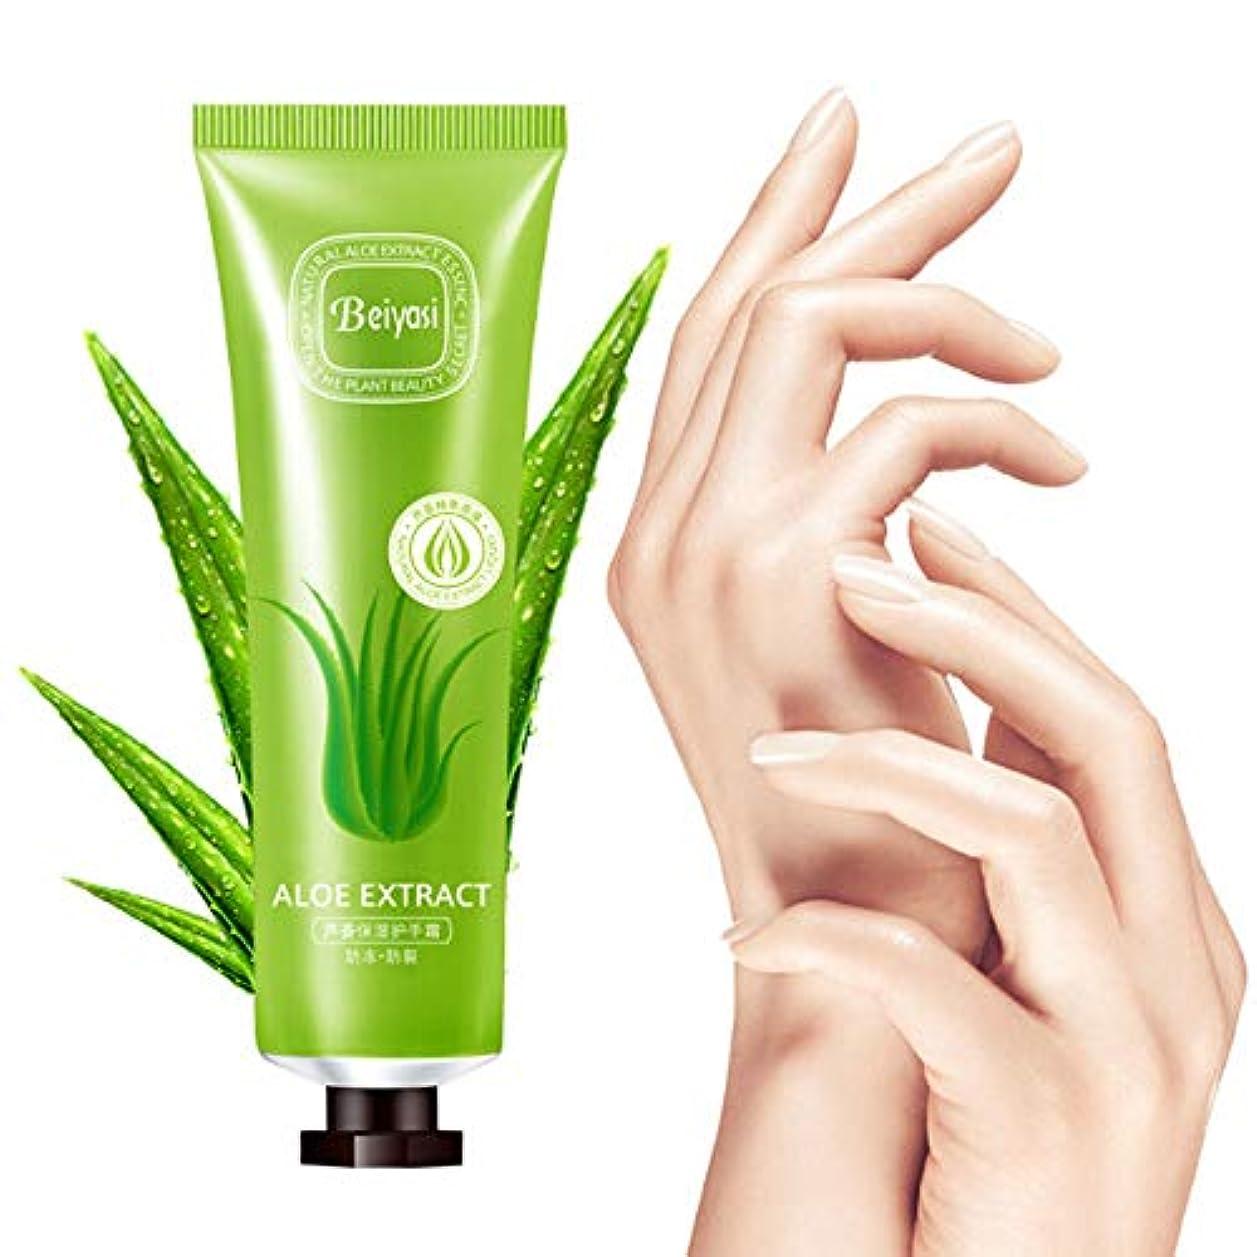 フットボール他に発見するハンドクリーム Akane BEIYASI アロエ 潤う 香り 手荒れを防ぐ 保湿 水分 無添加 天然 乾燥肌用 自然 肌荒れ予防 Hand Cream 30g